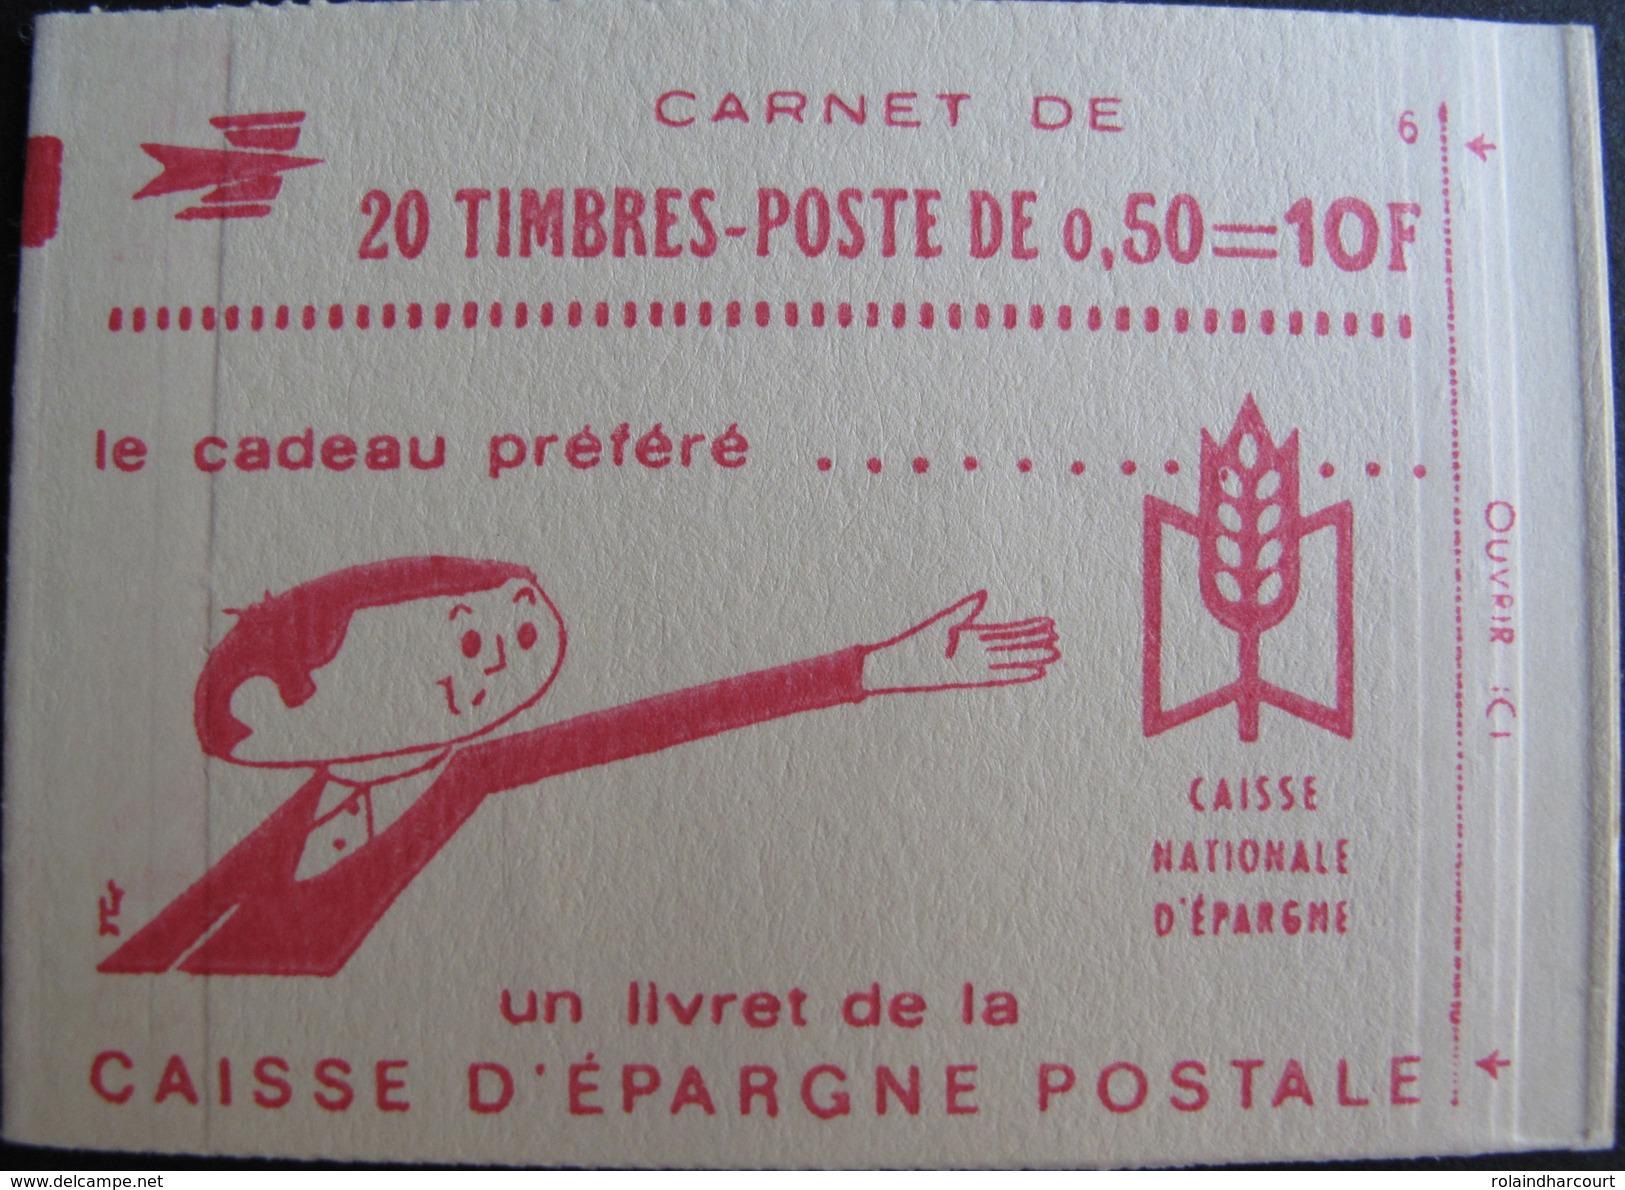 LOT R1703/537 - CARNET NEUF** ET FERME - MARIANNE DE BEQUET N°1664-C2 - Carnets